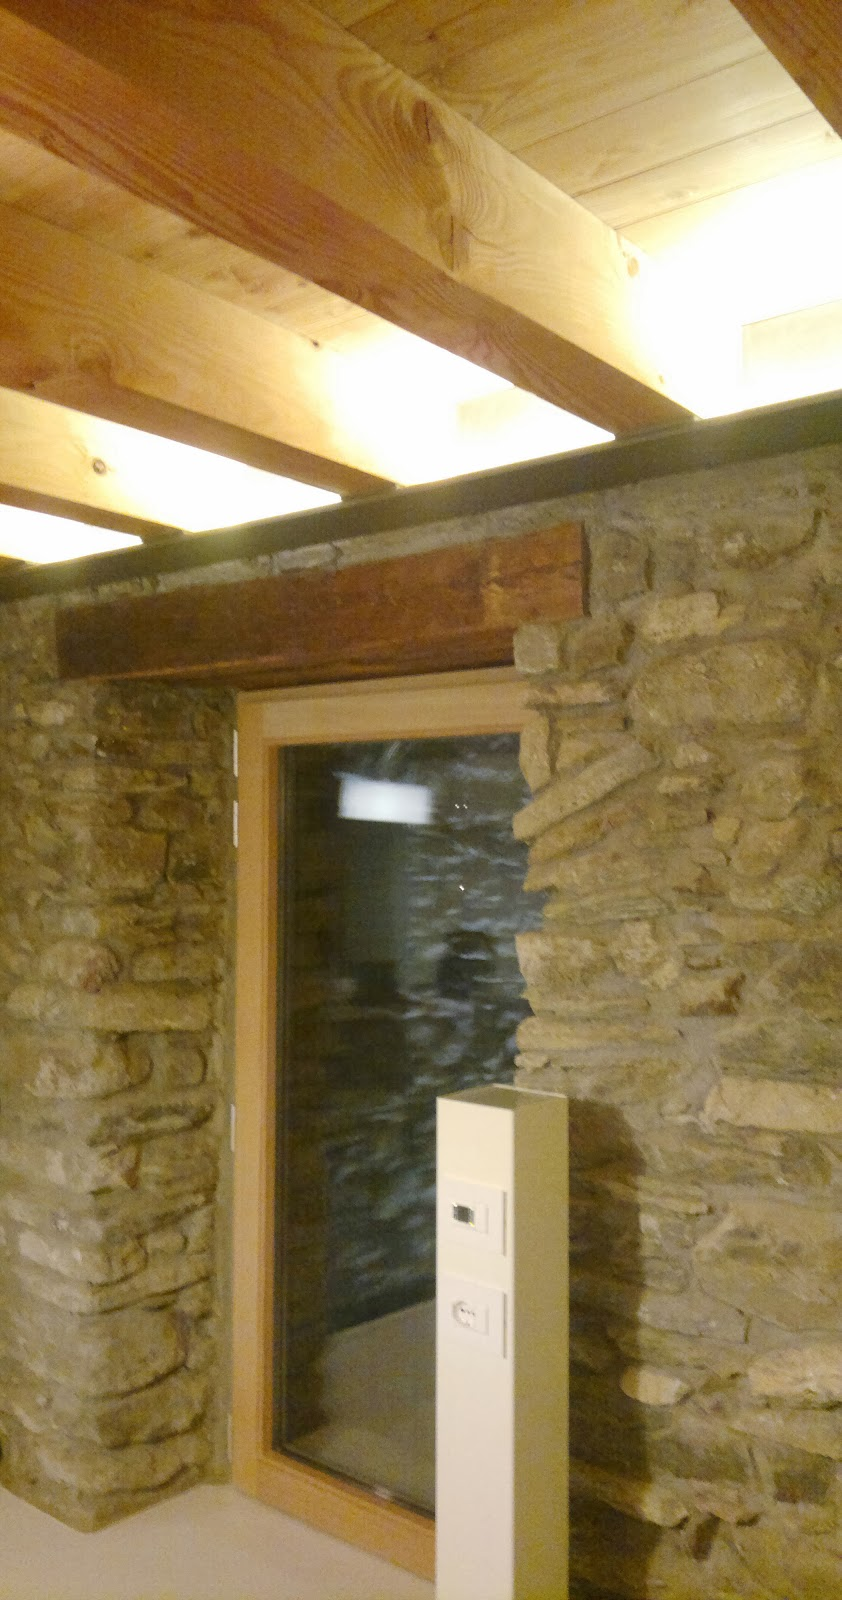 Soffitti a volta illuminazione design casa creativa e for Illuminazione taverna